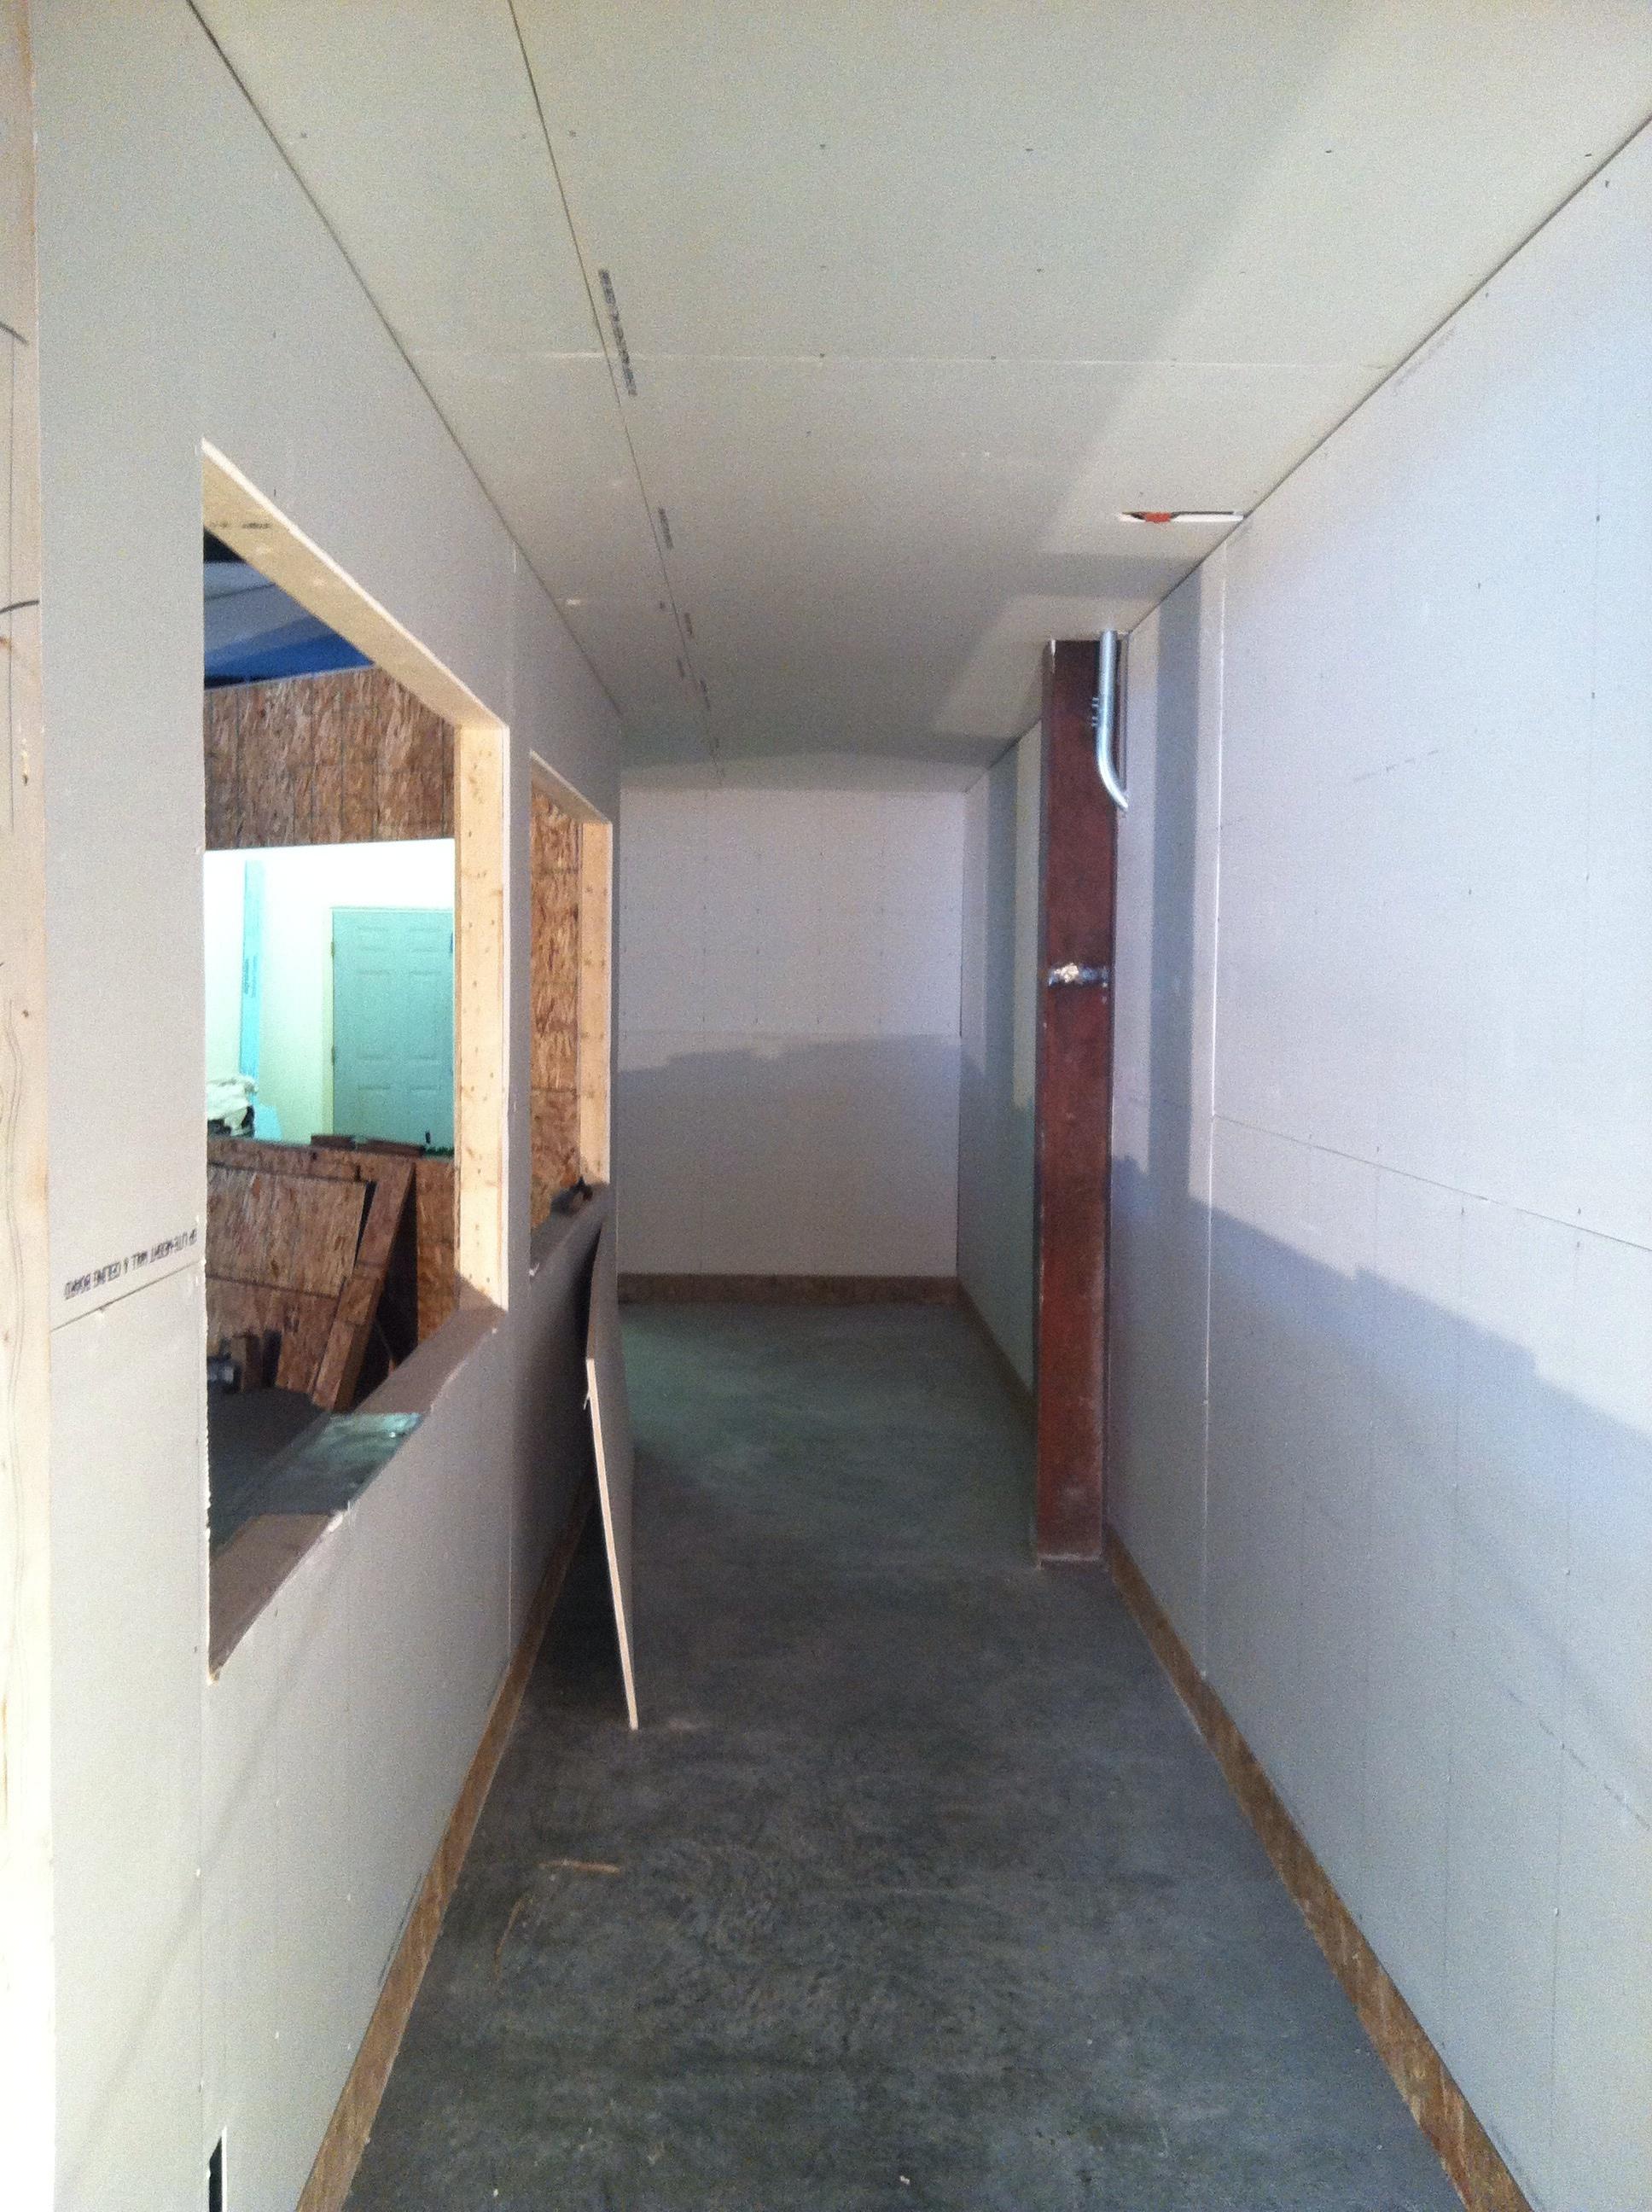 Inside of hallway looking east.